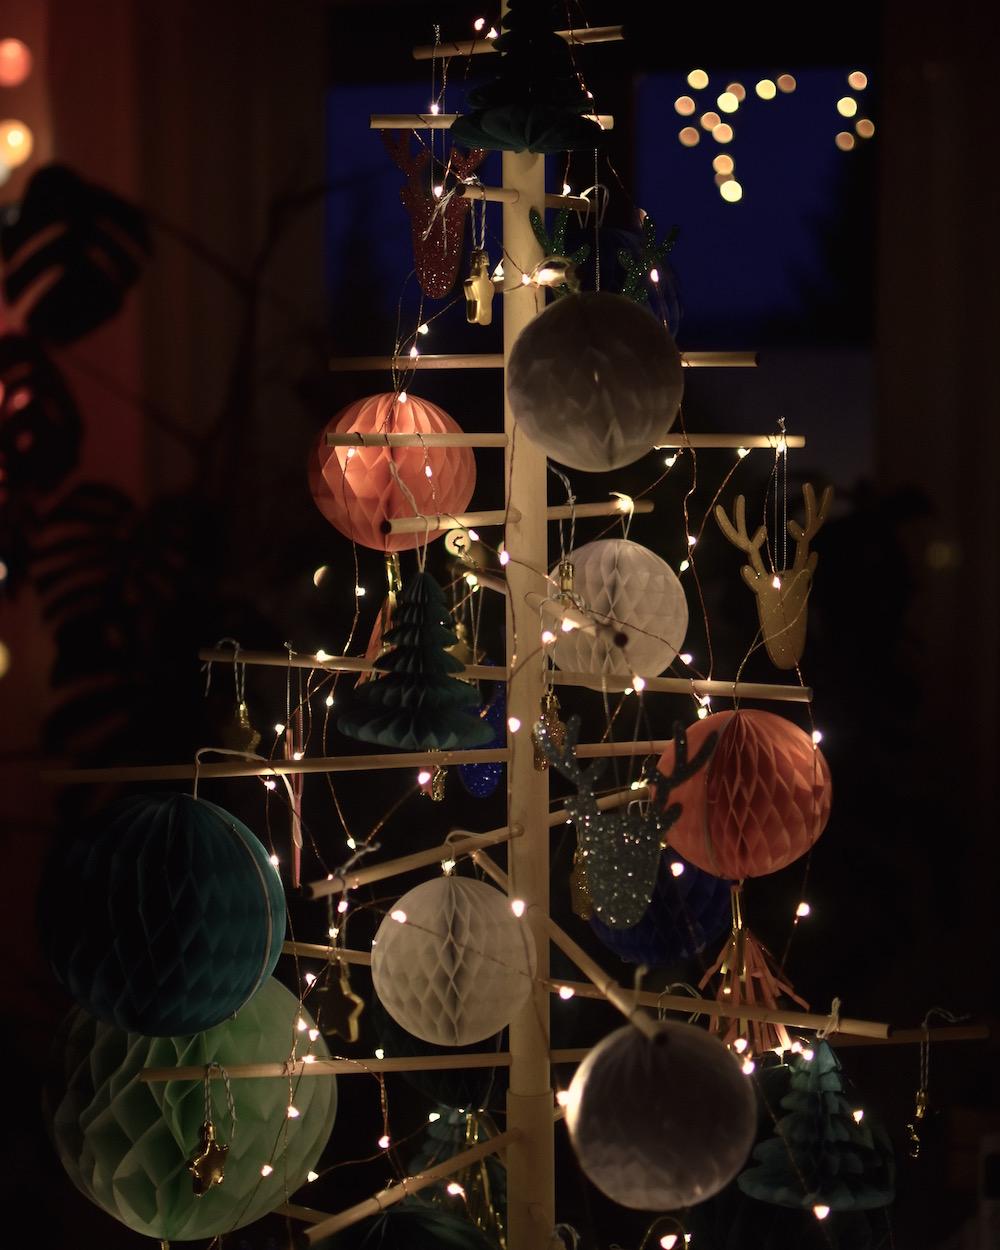 Nachhaltiger Weihnachtsbaum aus Holz geschmückt mit Wabenbällen